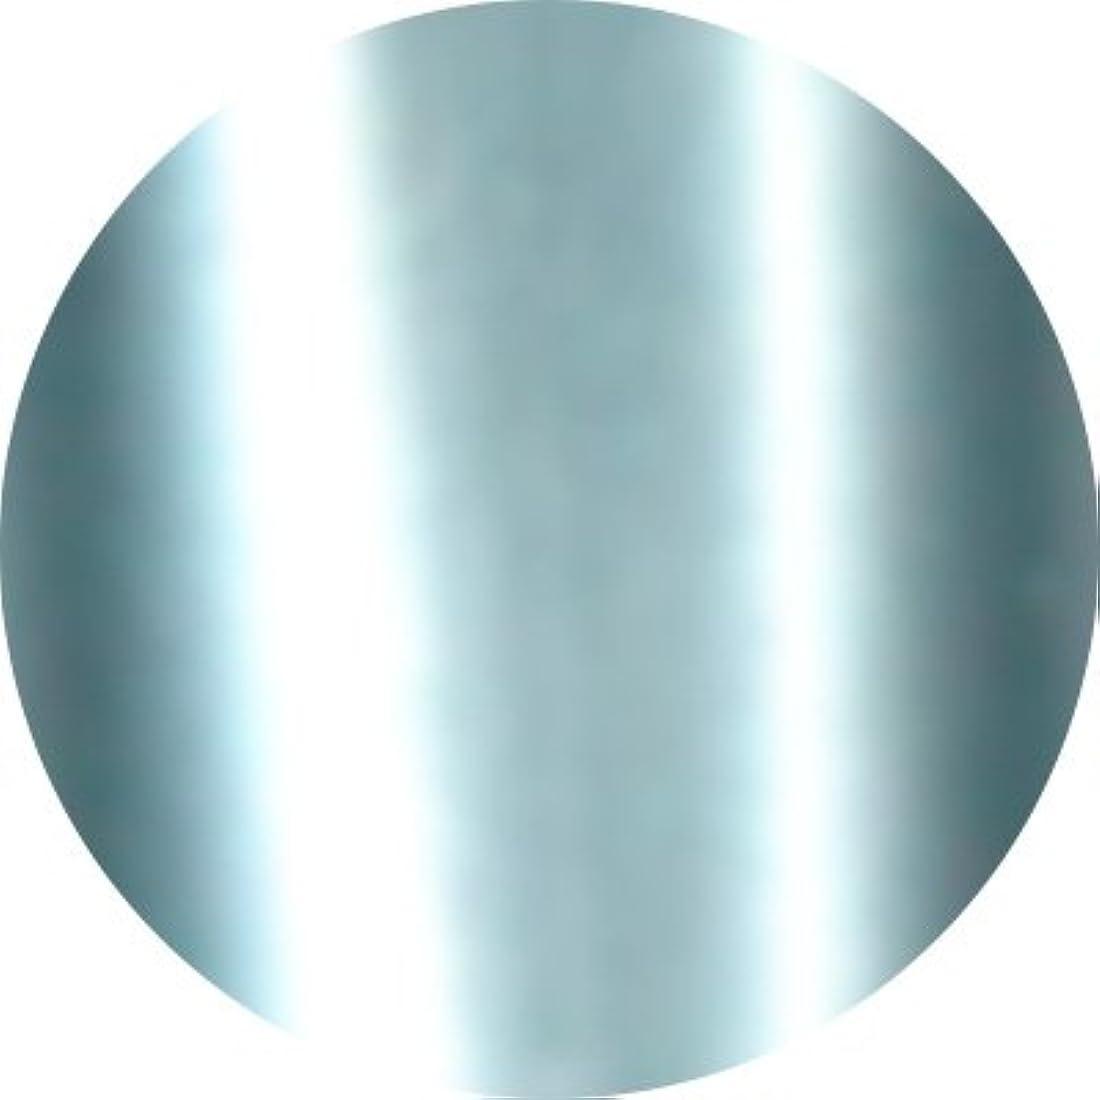 人柄ばかげている財産Jewelry jel(ジュエリージェル) カラージェル 5ml<BR>メタリック MT015